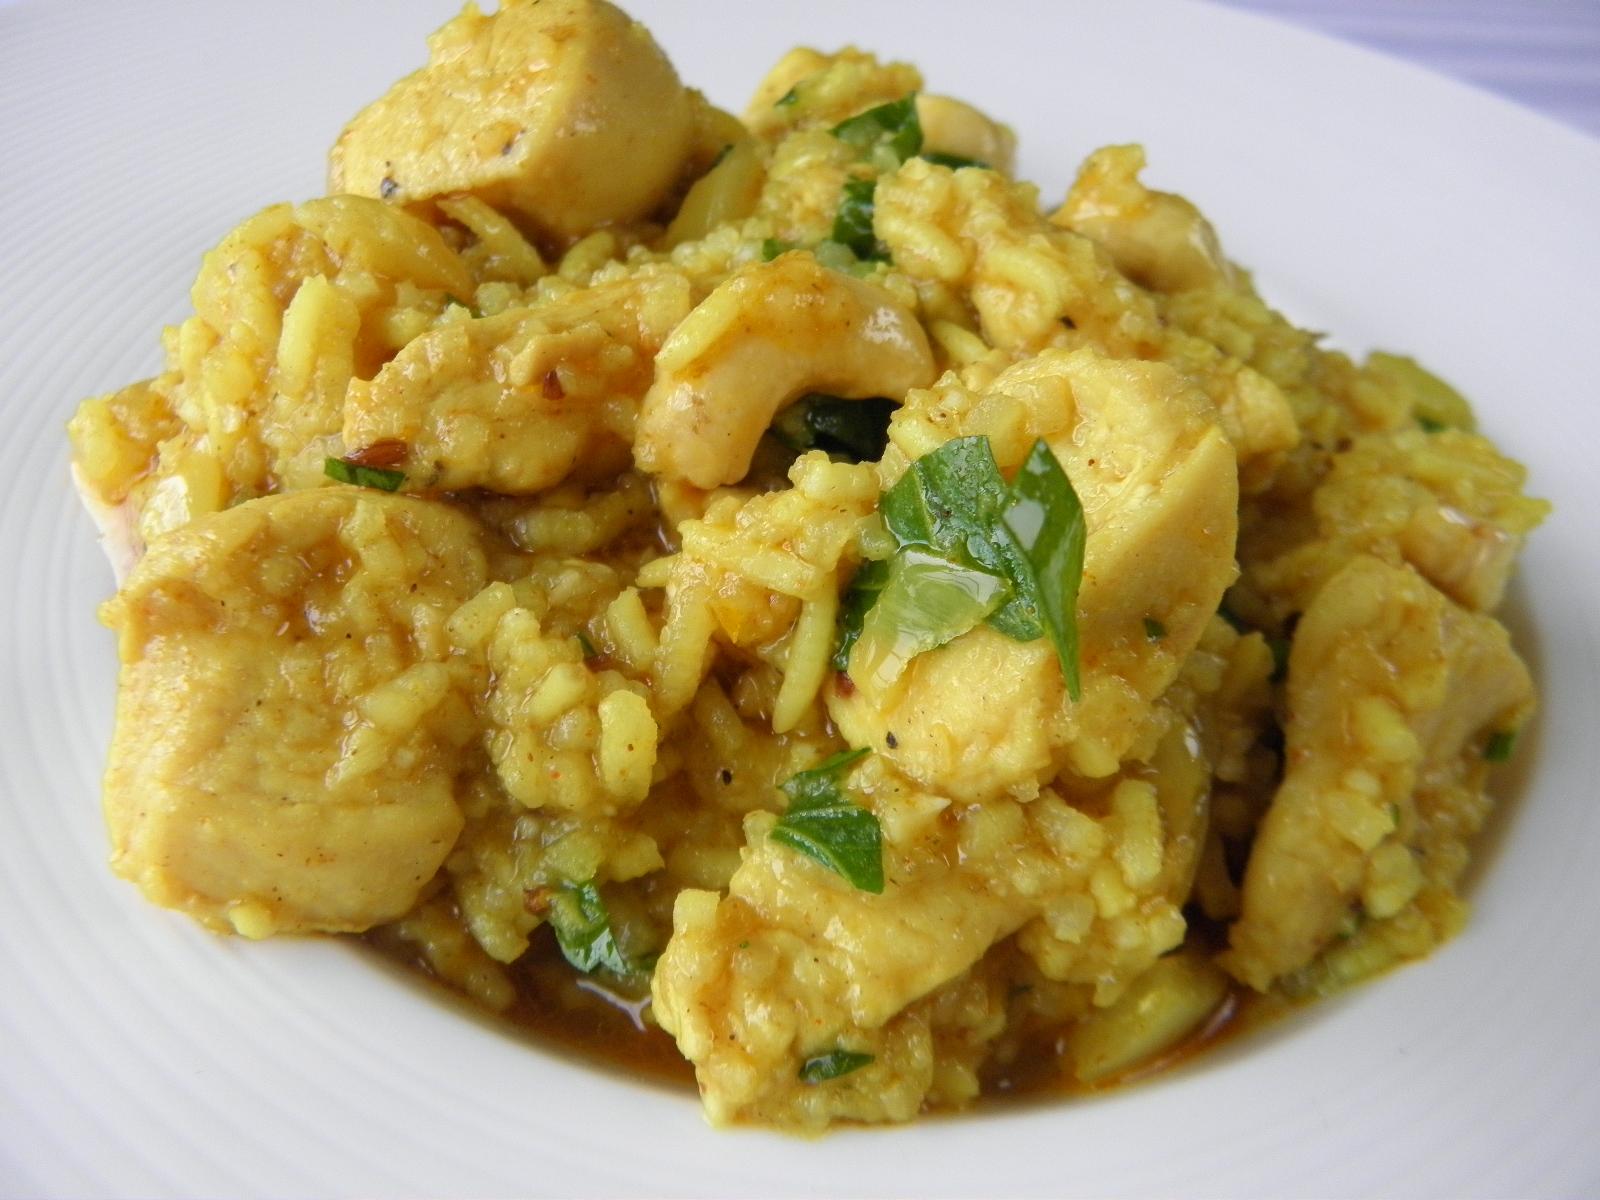 Kuřecí kousky v rýži basmati